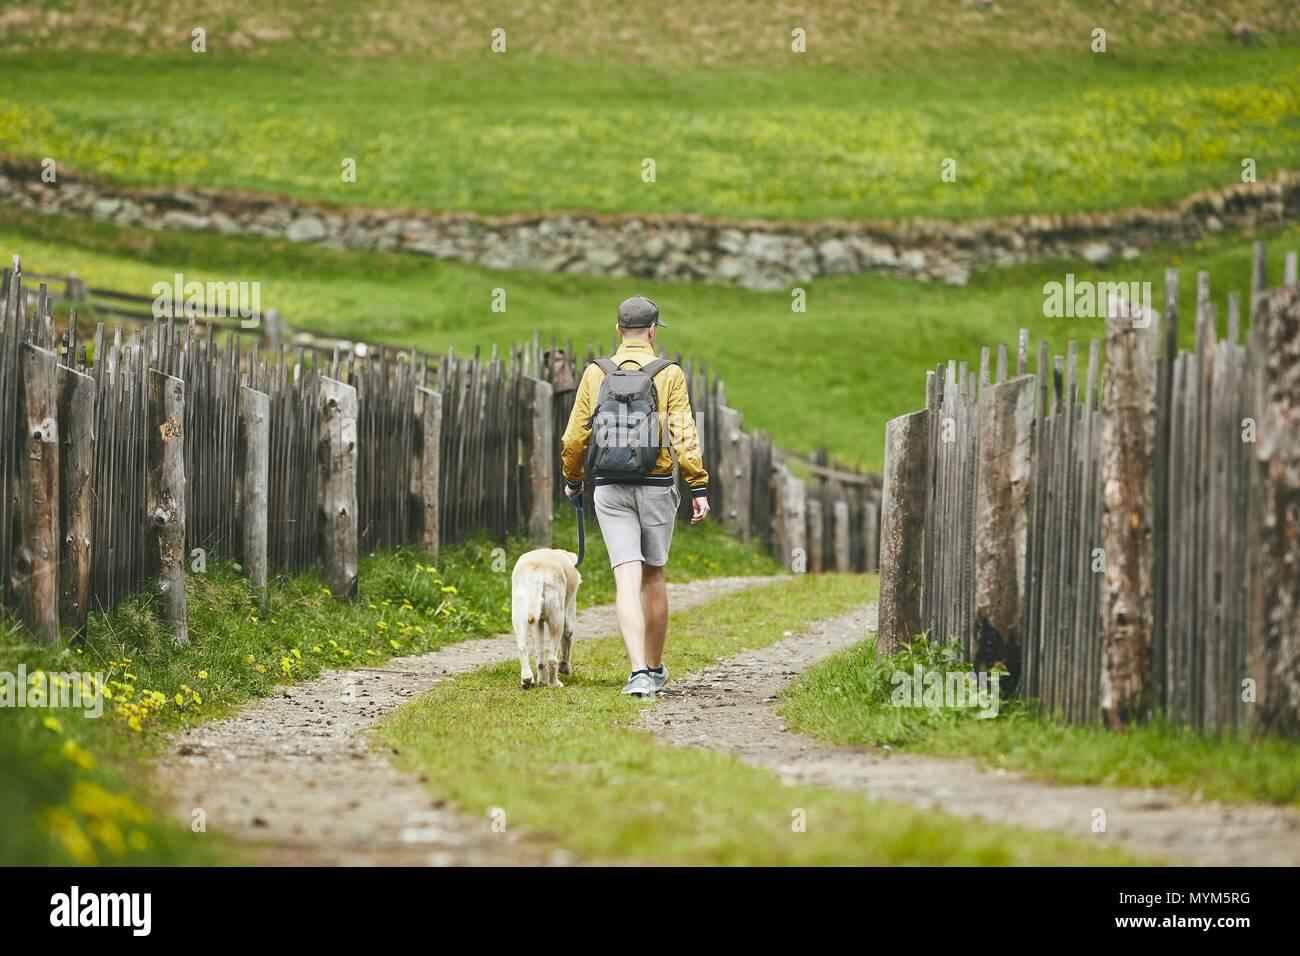 Touriste avec chien dans la campagne. Jeune homme marchant avec le labrador retriever sur chemin de terre. Photo Stock